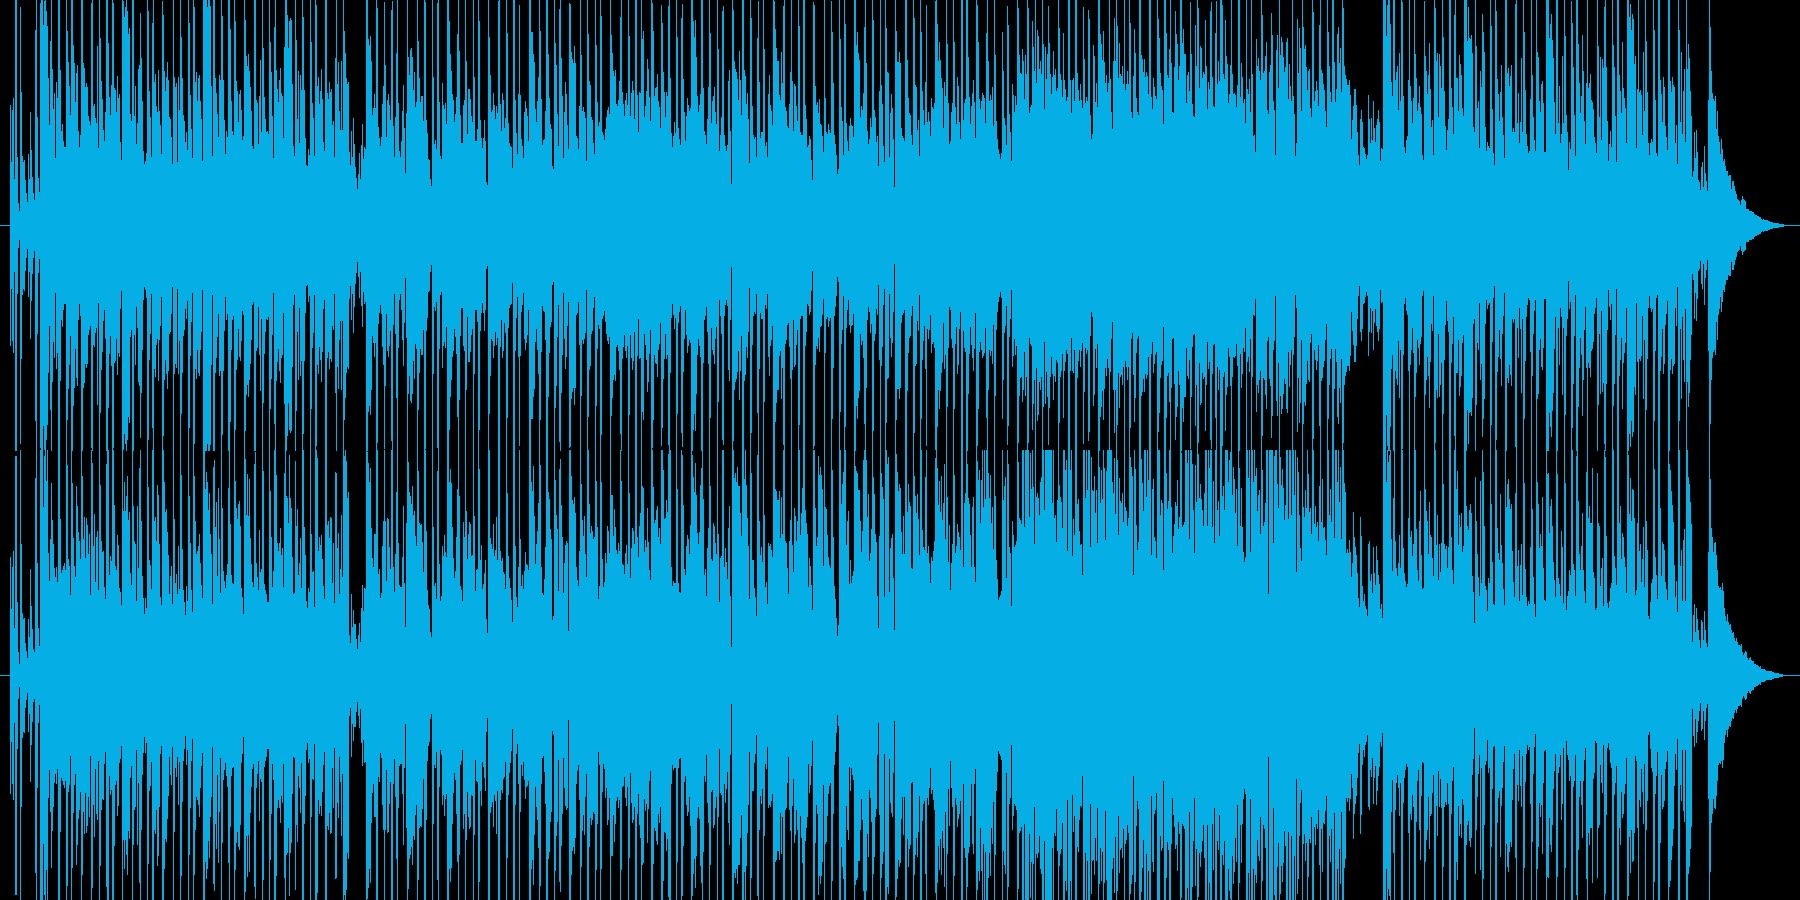 【ポップス ほのぼの系】優しいポップスの再生済みの波形